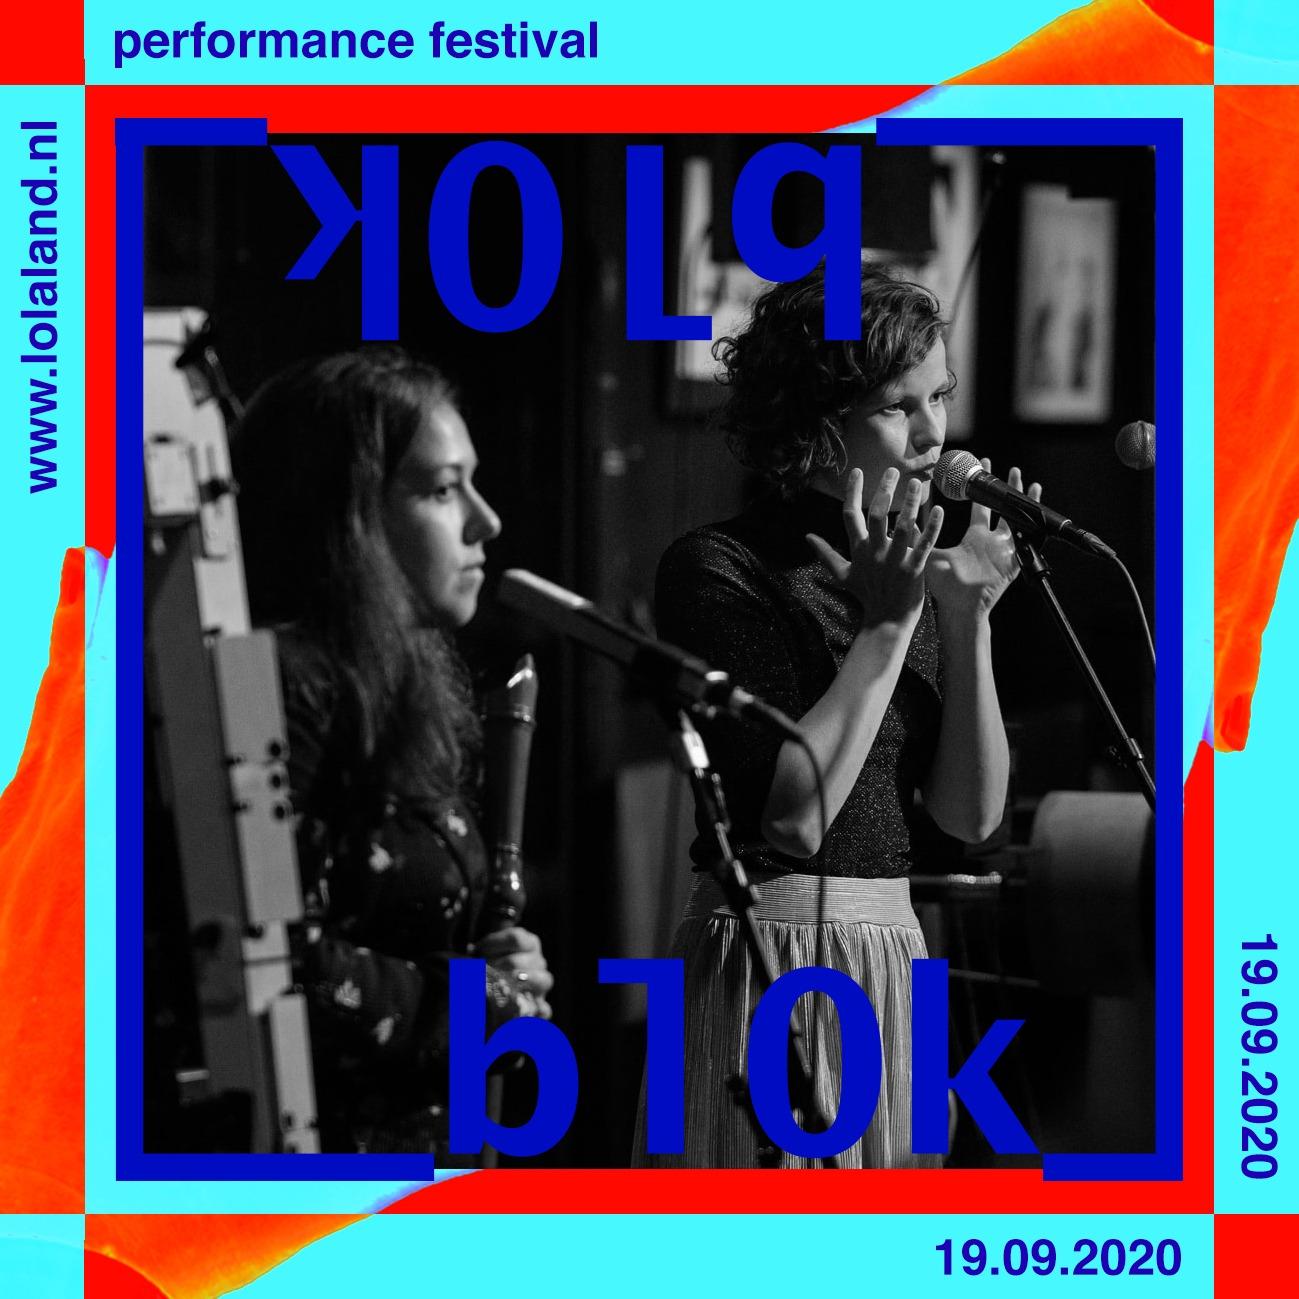 BLOK festival